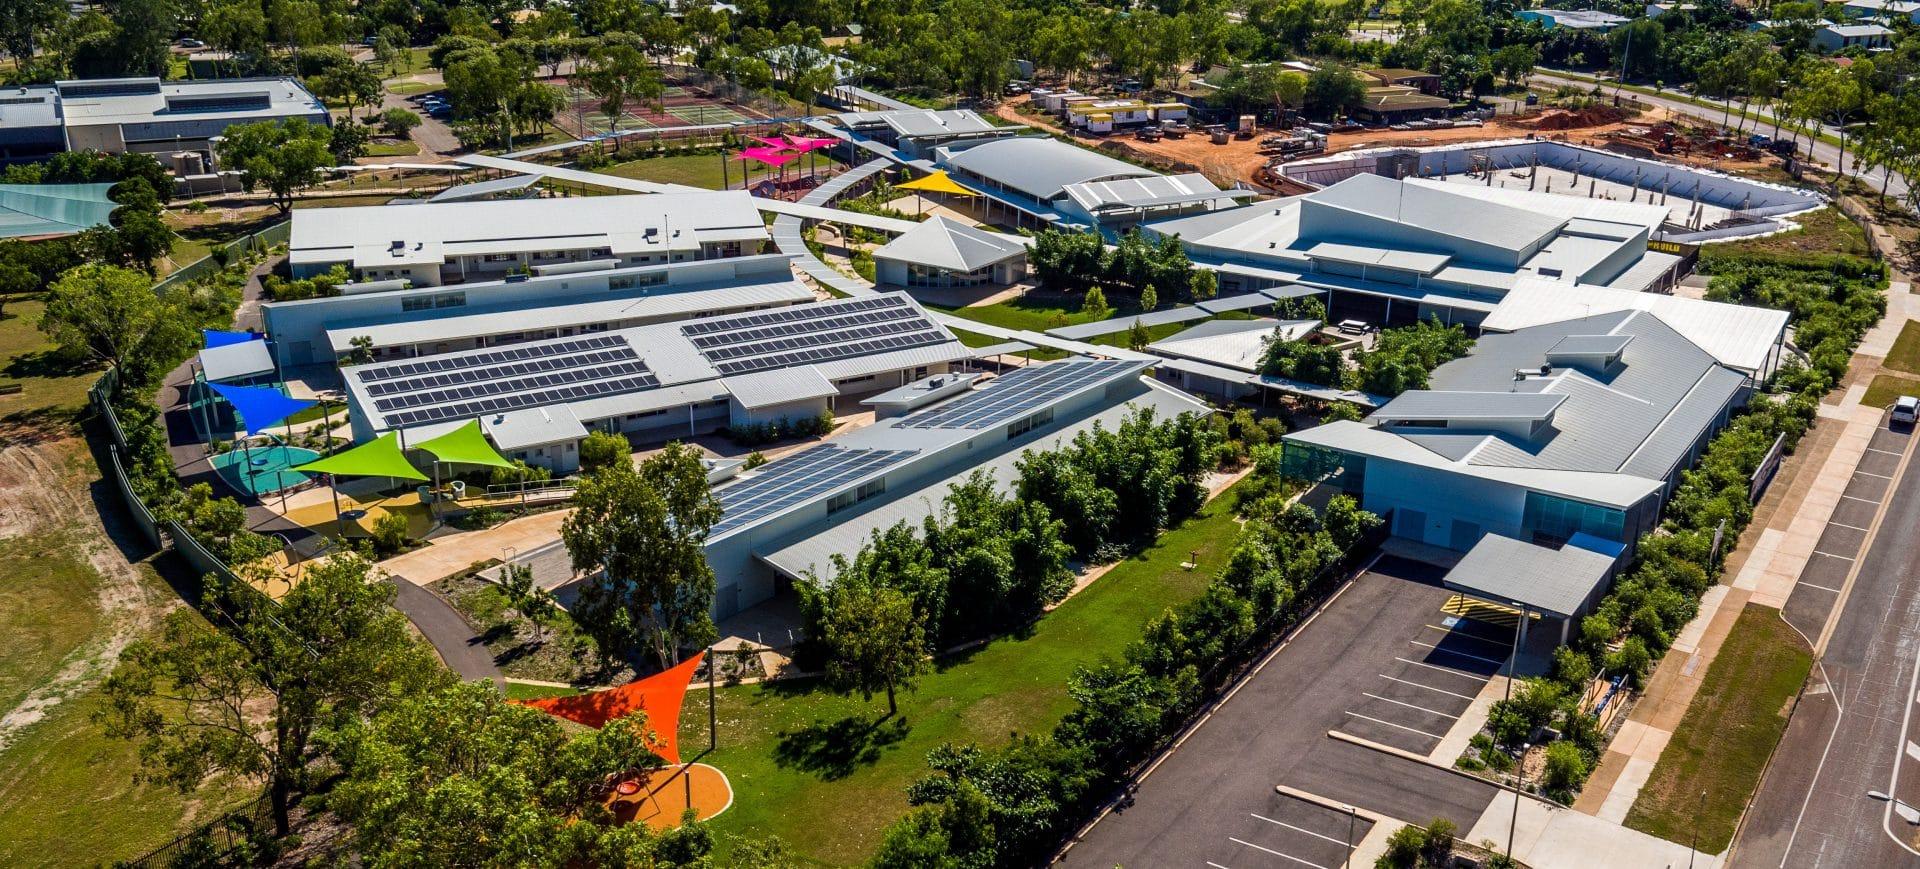 Roofing - Henbury School